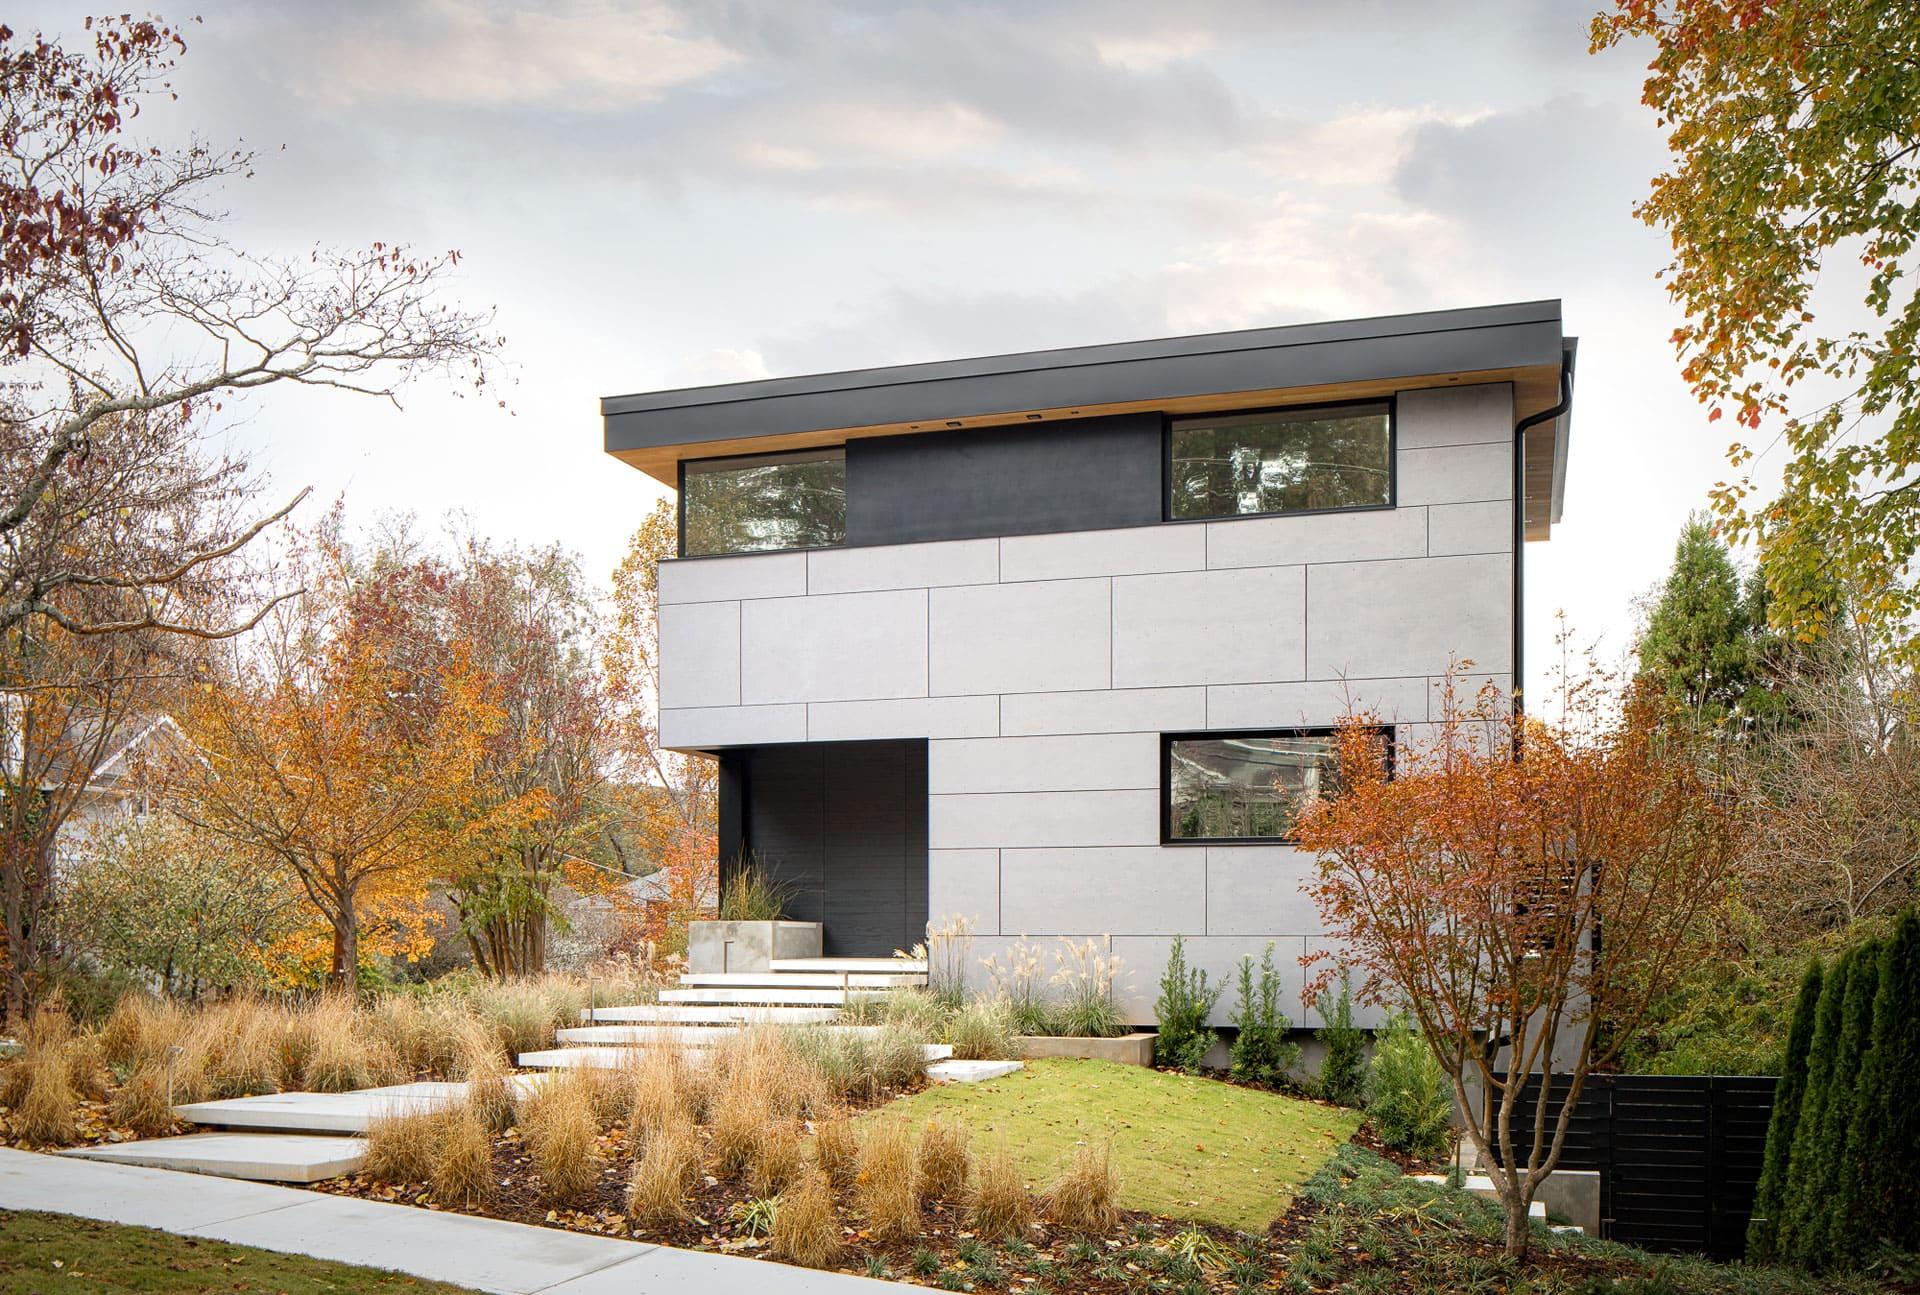 Morningside Residence by Square Feet Studio